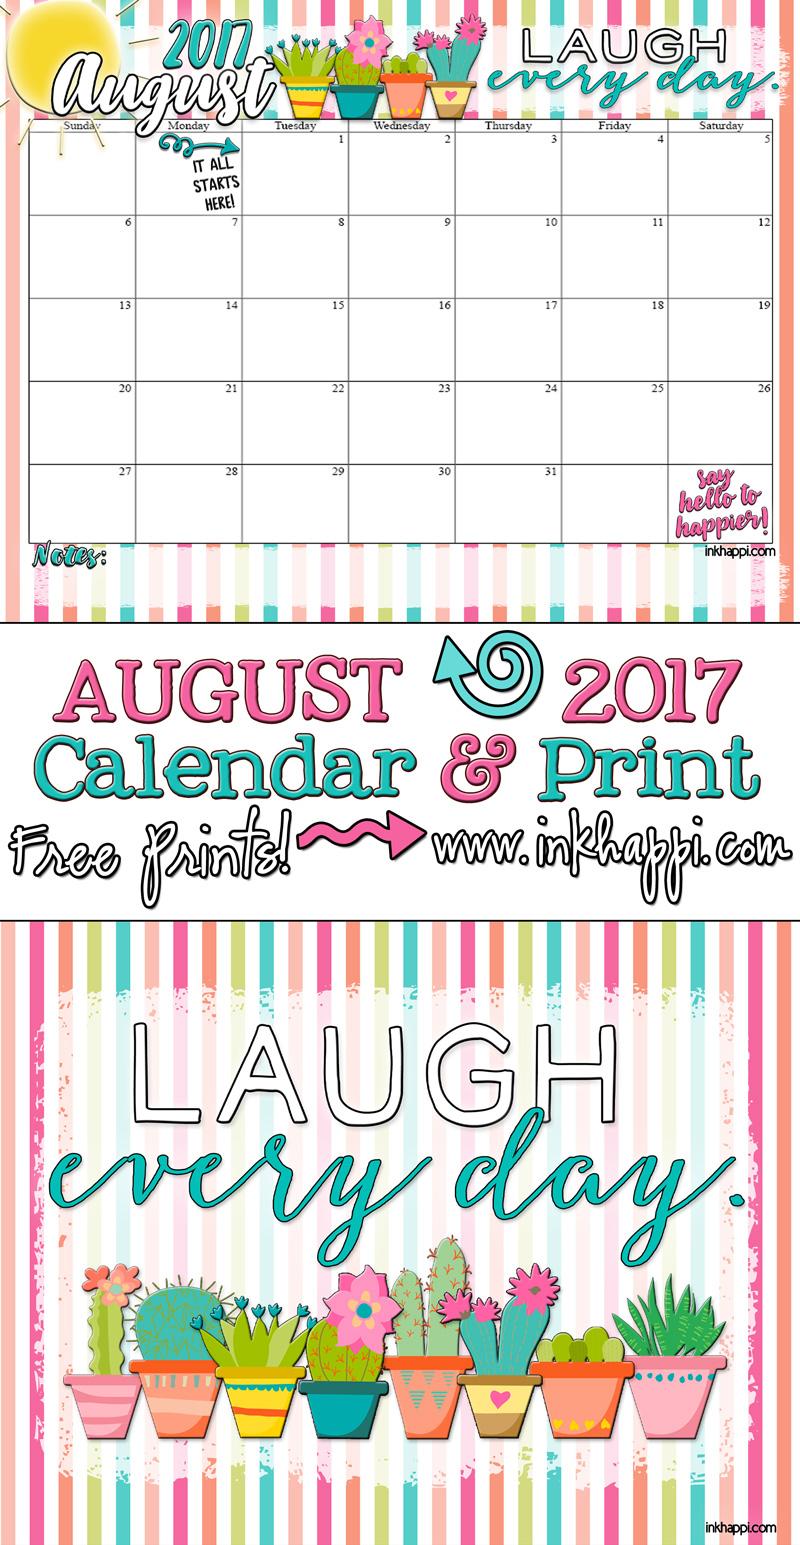 August Calendar August 2017 Calendar i...